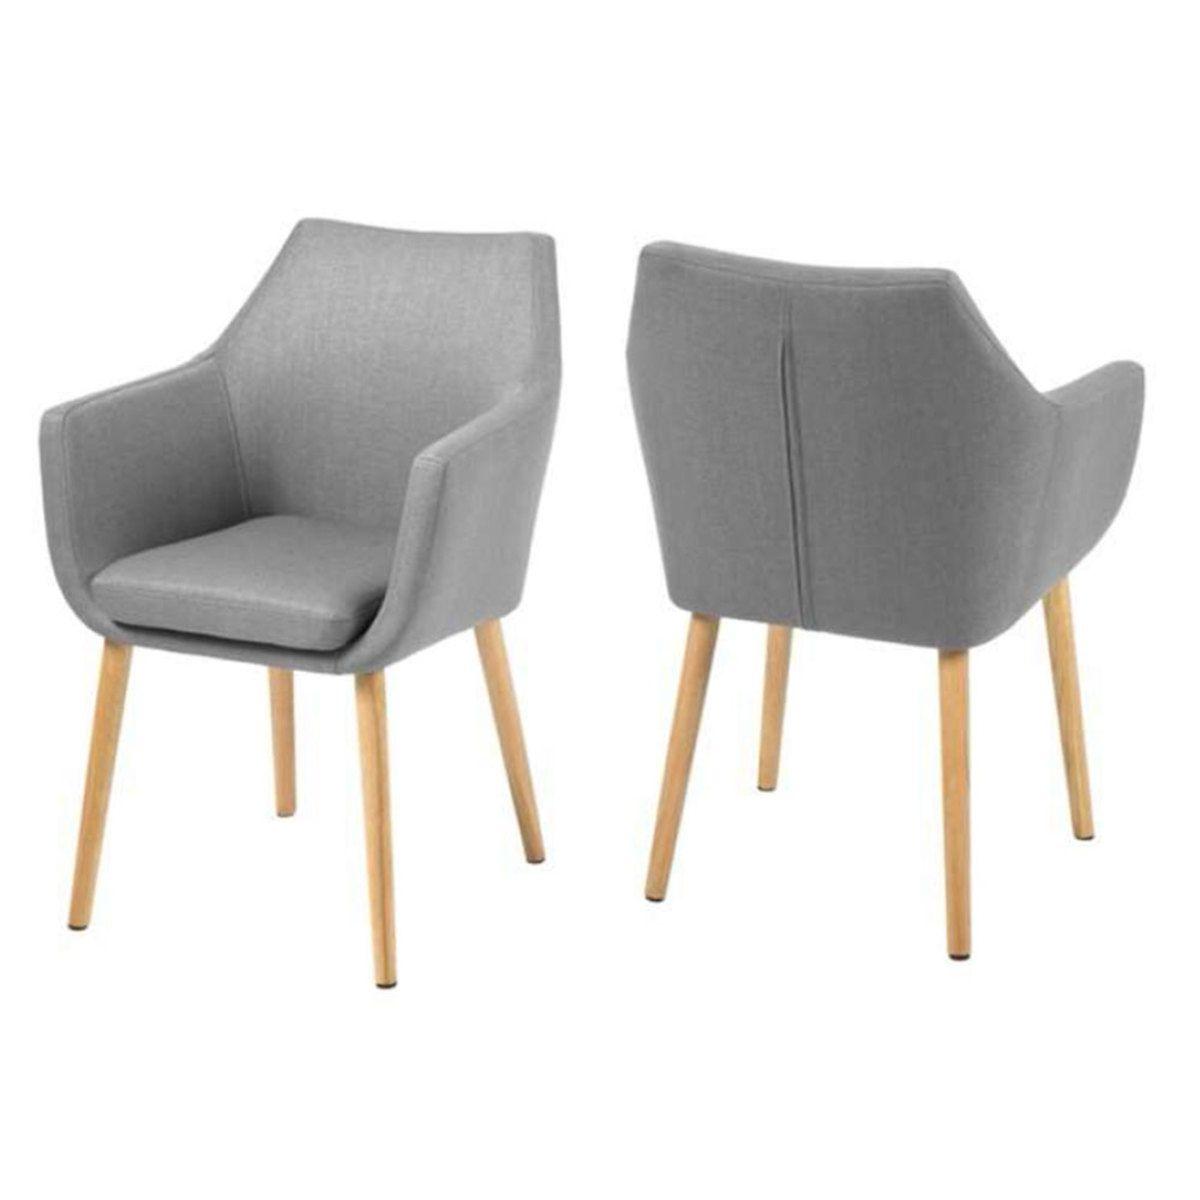 Top magnifique chaise de salle a manger pas cher | Décoration  AU29